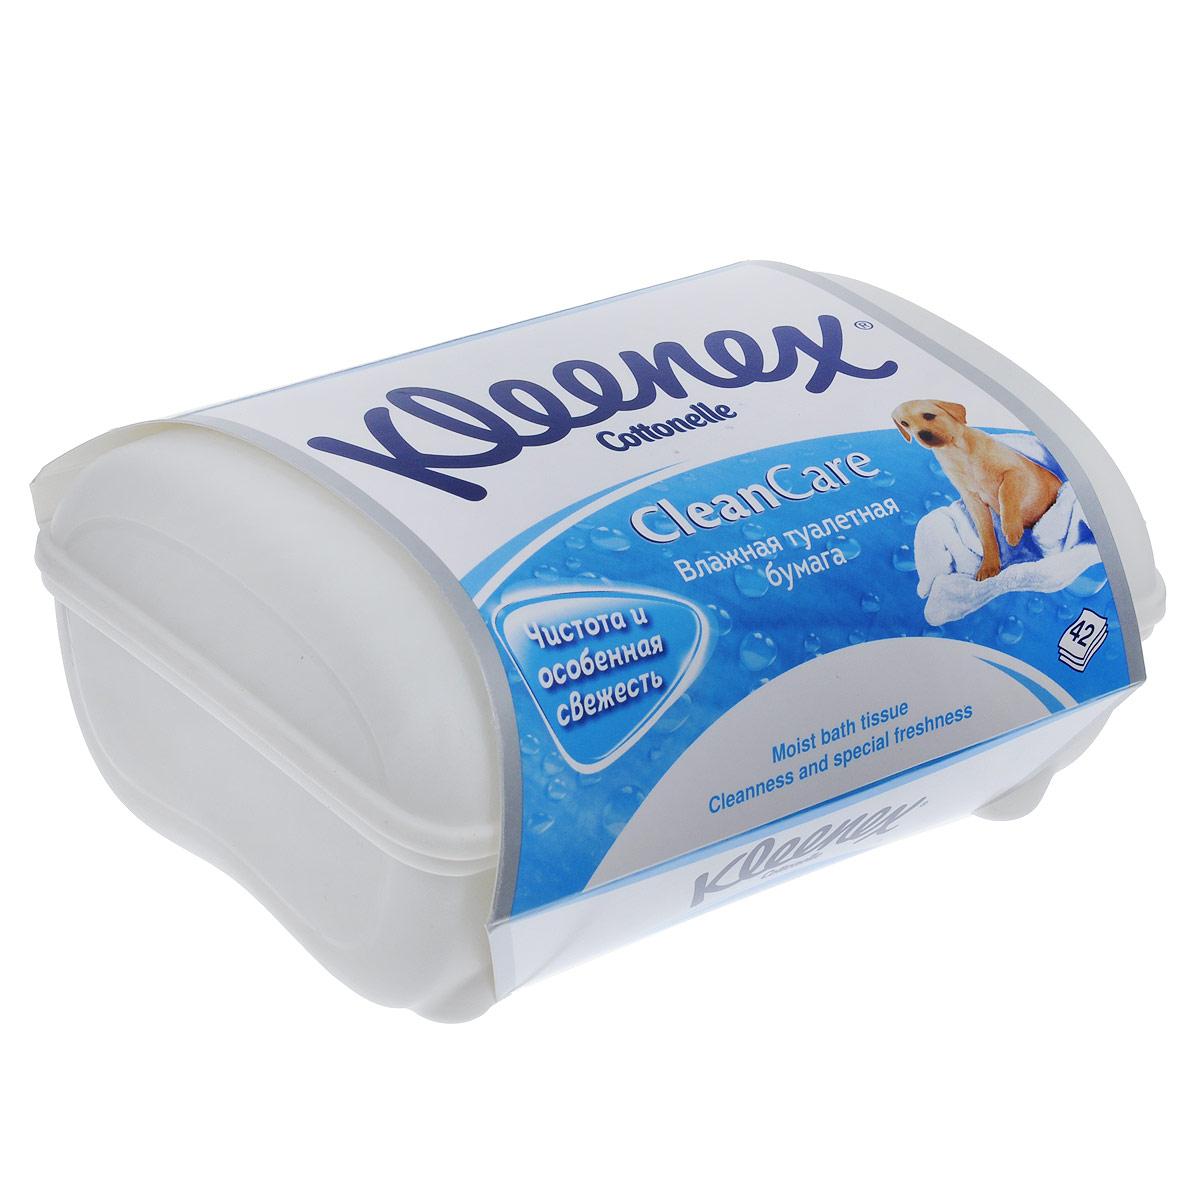 Kleenex Туалетная бумага Clean Care, влажная, в пластиковой коробке, 42 шт kleenex салфетки в коробке фэмили 150 шт